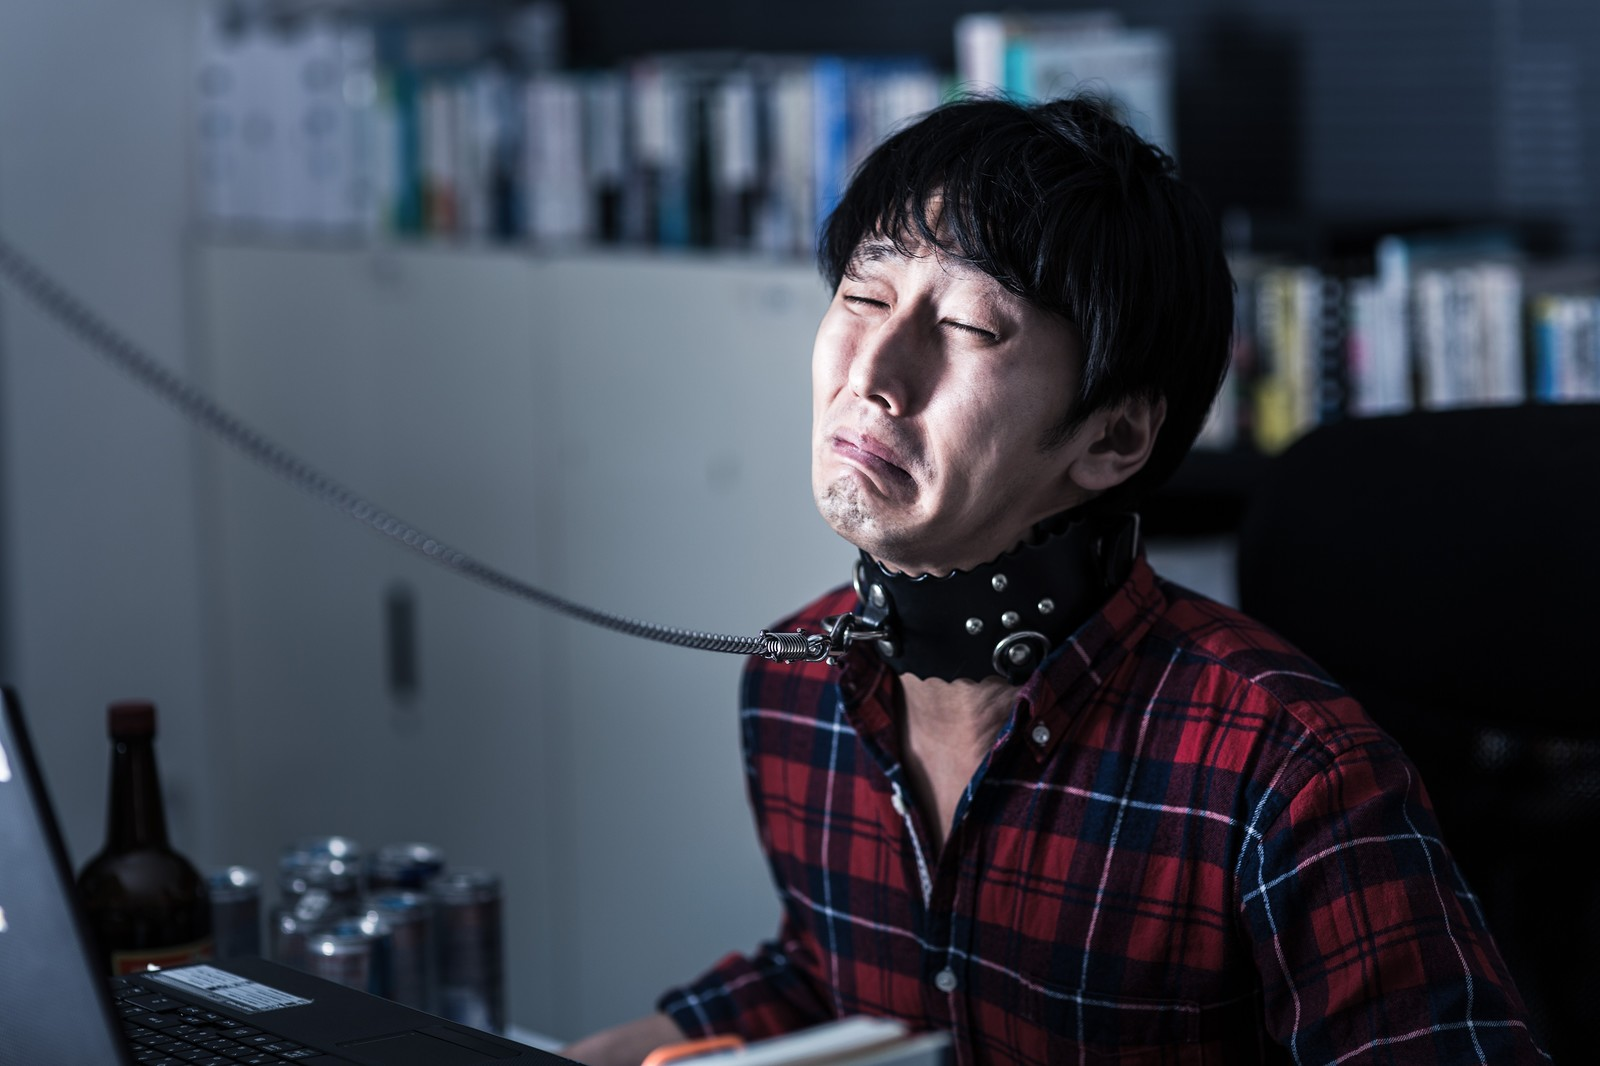 日本 外国人実習生 自殺